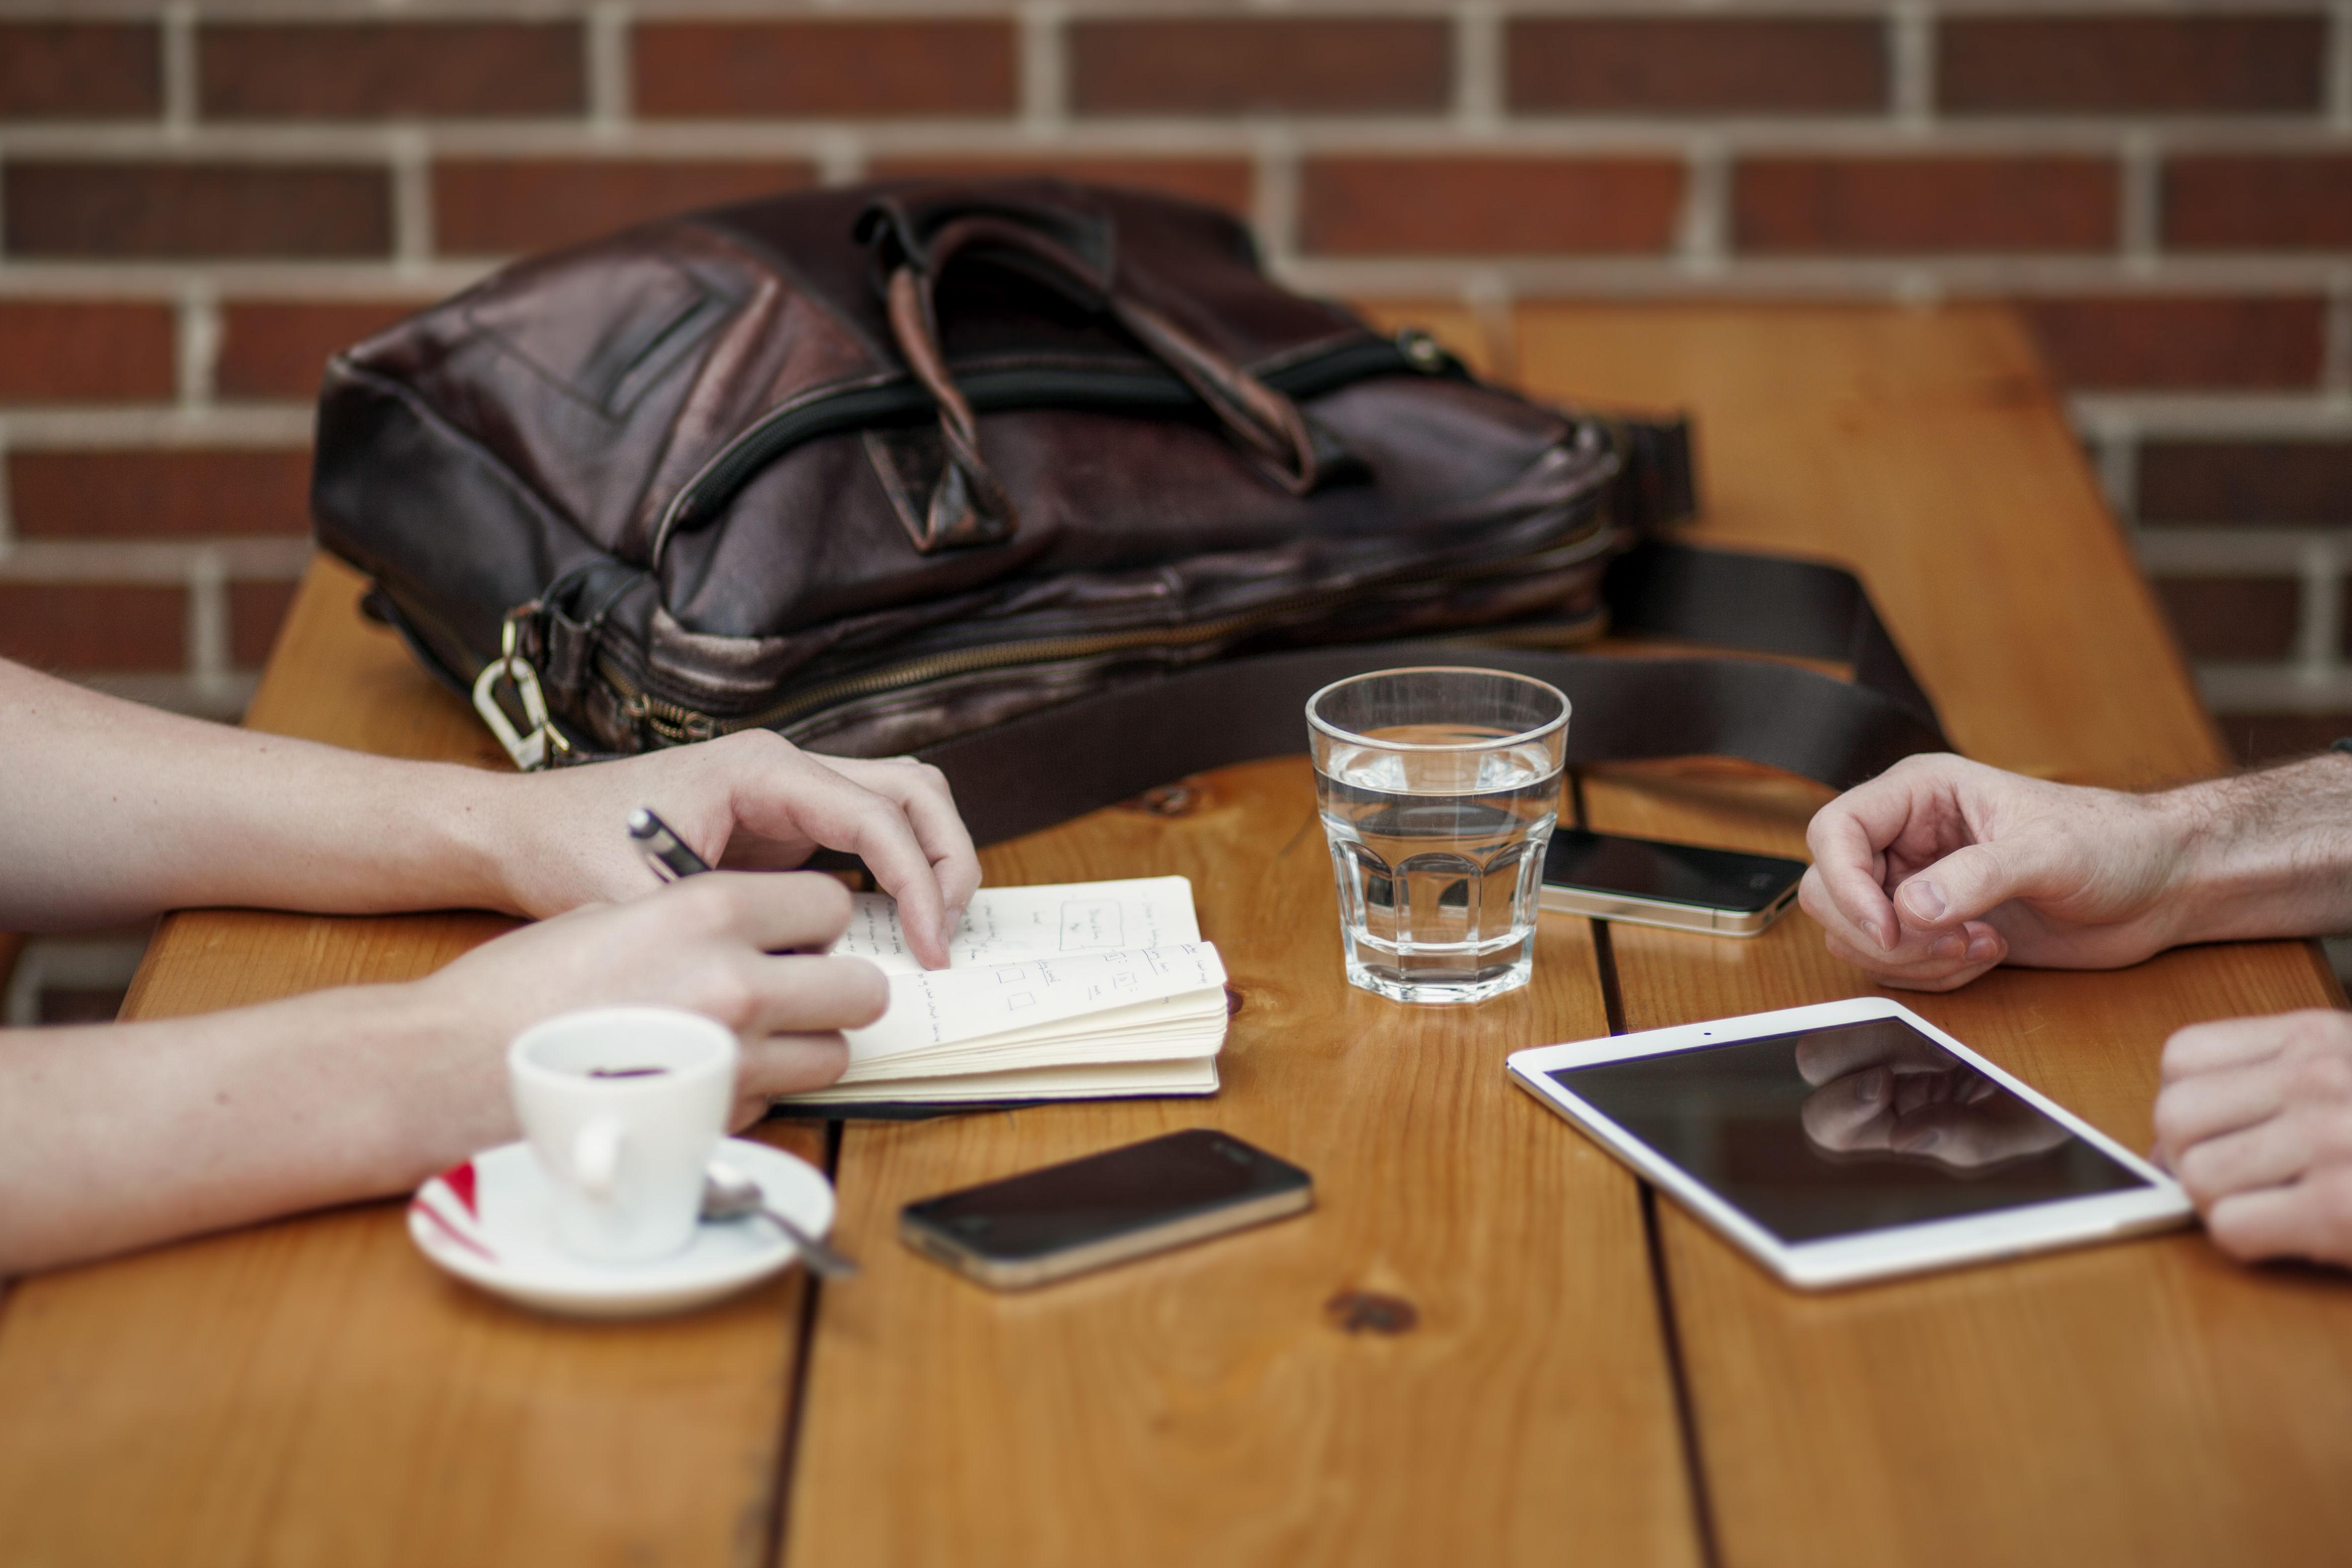 Meeting hkkftw